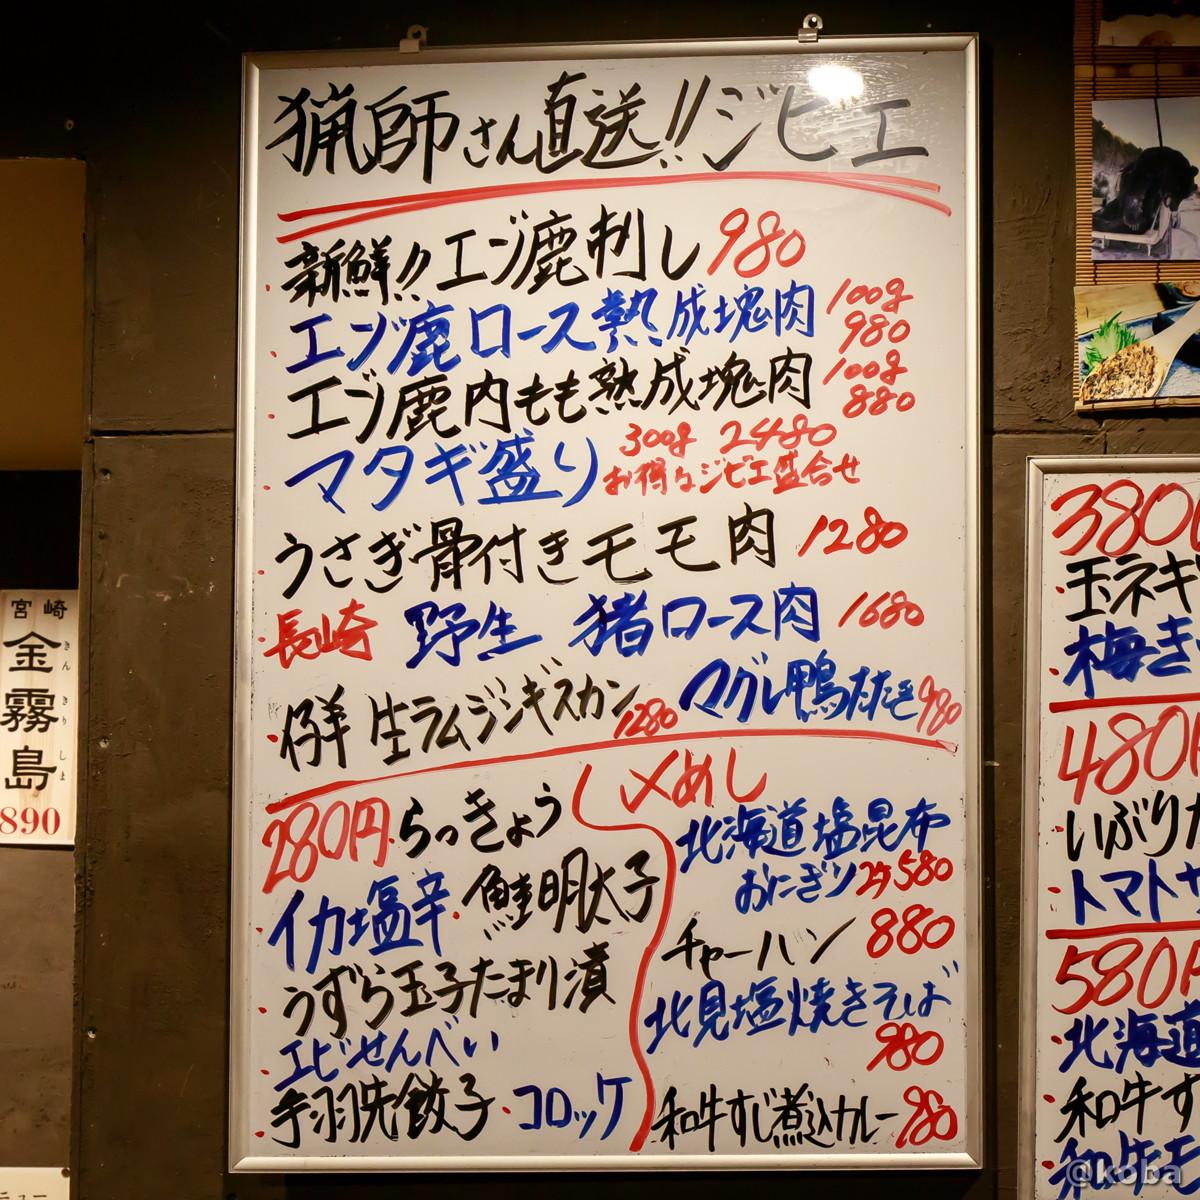 マタギ東京 錦糸町メニュー 猟師さん直送ジビエ